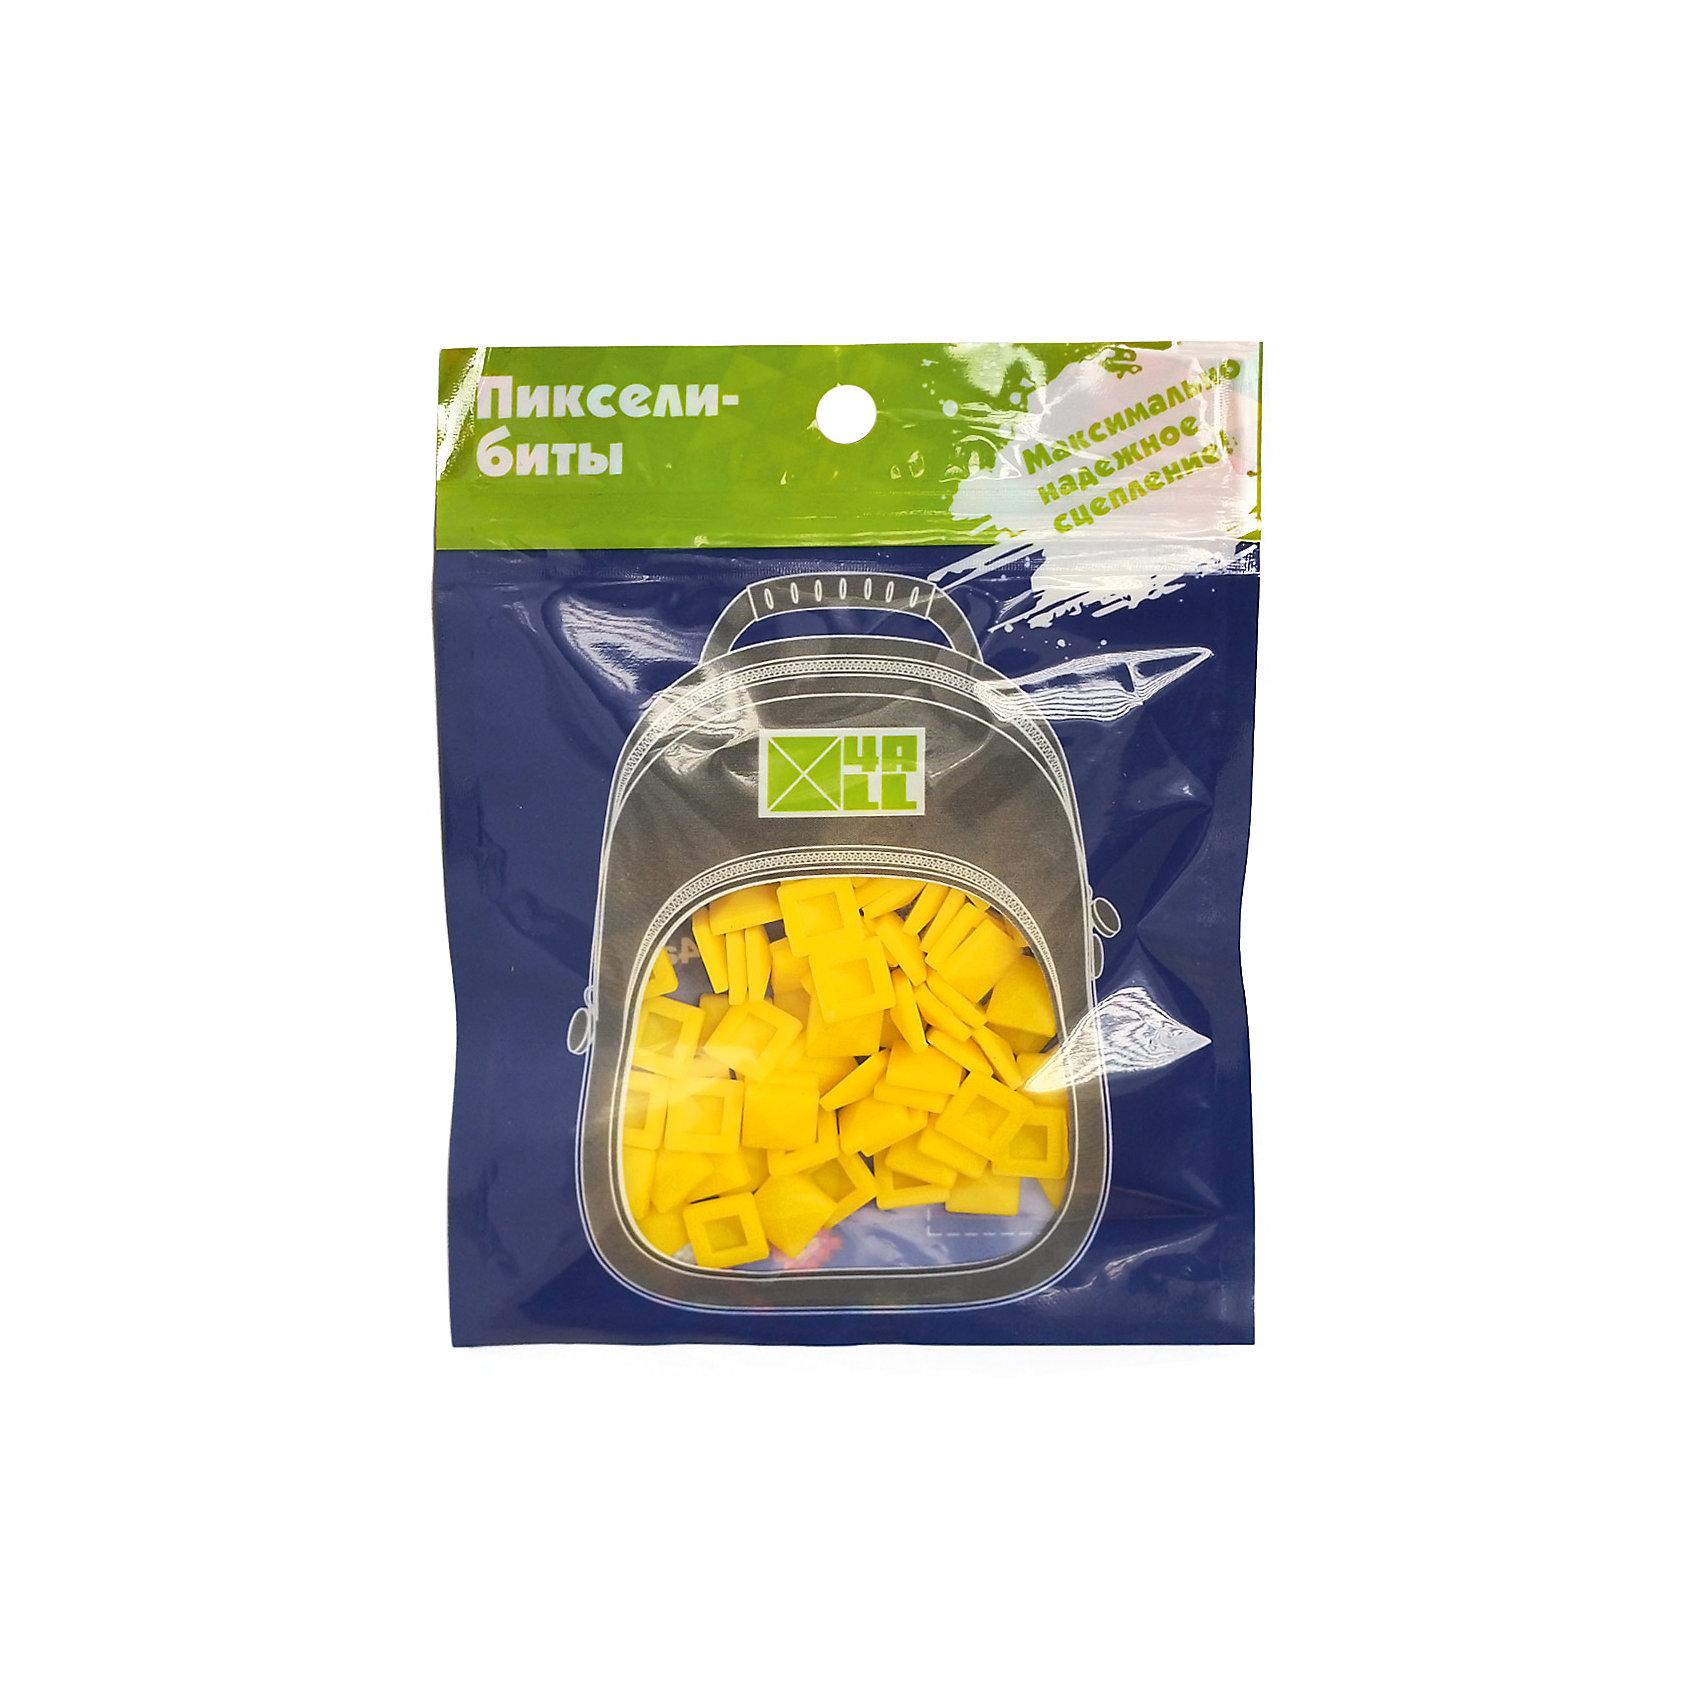 Набор для рюкзака 4ALL пиксель-Бит, ярко-желтый, 80 штНабор для творчества пиксель-Бит, ярко-желтый, 80 шт.<br><br>Характеристики:<br><br>• Для детей от 3 лет<br>• Количество: 80 шт.<br>• Размер: 0,5х0,5 см.<br>• Цвет: ярко-желтый<br>• Материал: высококачественный силикон<br>• Размер упаковки: 14х11 см.<br><br>Придумай и создай дизайн своего рюкзака Case самостоятельно с наборами для творчества пиксель-Бит. Биты для пикселей легко и прочно крепятся на переднюю панель рюкзака благодаря уникальной конструкции замка. Битами можно выкладывать любые картинки или слова. Набор подходит для декорирования рюкзаков серии 4all Case. Изготовлен из высококачественного гипоаллергенного силикона. Развивает мелкую моторику рук, творческий потенциал и воображение.<br><br>Набор для творчества пиксель-Бит, ярко-желтые, 80 шт можно купить в нашем интернет-магазине.<br><br>Ширина мм: 140<br>Глубина мм: 110<br>Высота мм: 50<br>Вес г: 25<br>Возраст от месяцев: 36<br>Возраст до месяцев: 2147483647<br>Пол: Унисекс<br>Возраст: Детский<br>SKU: 5490450